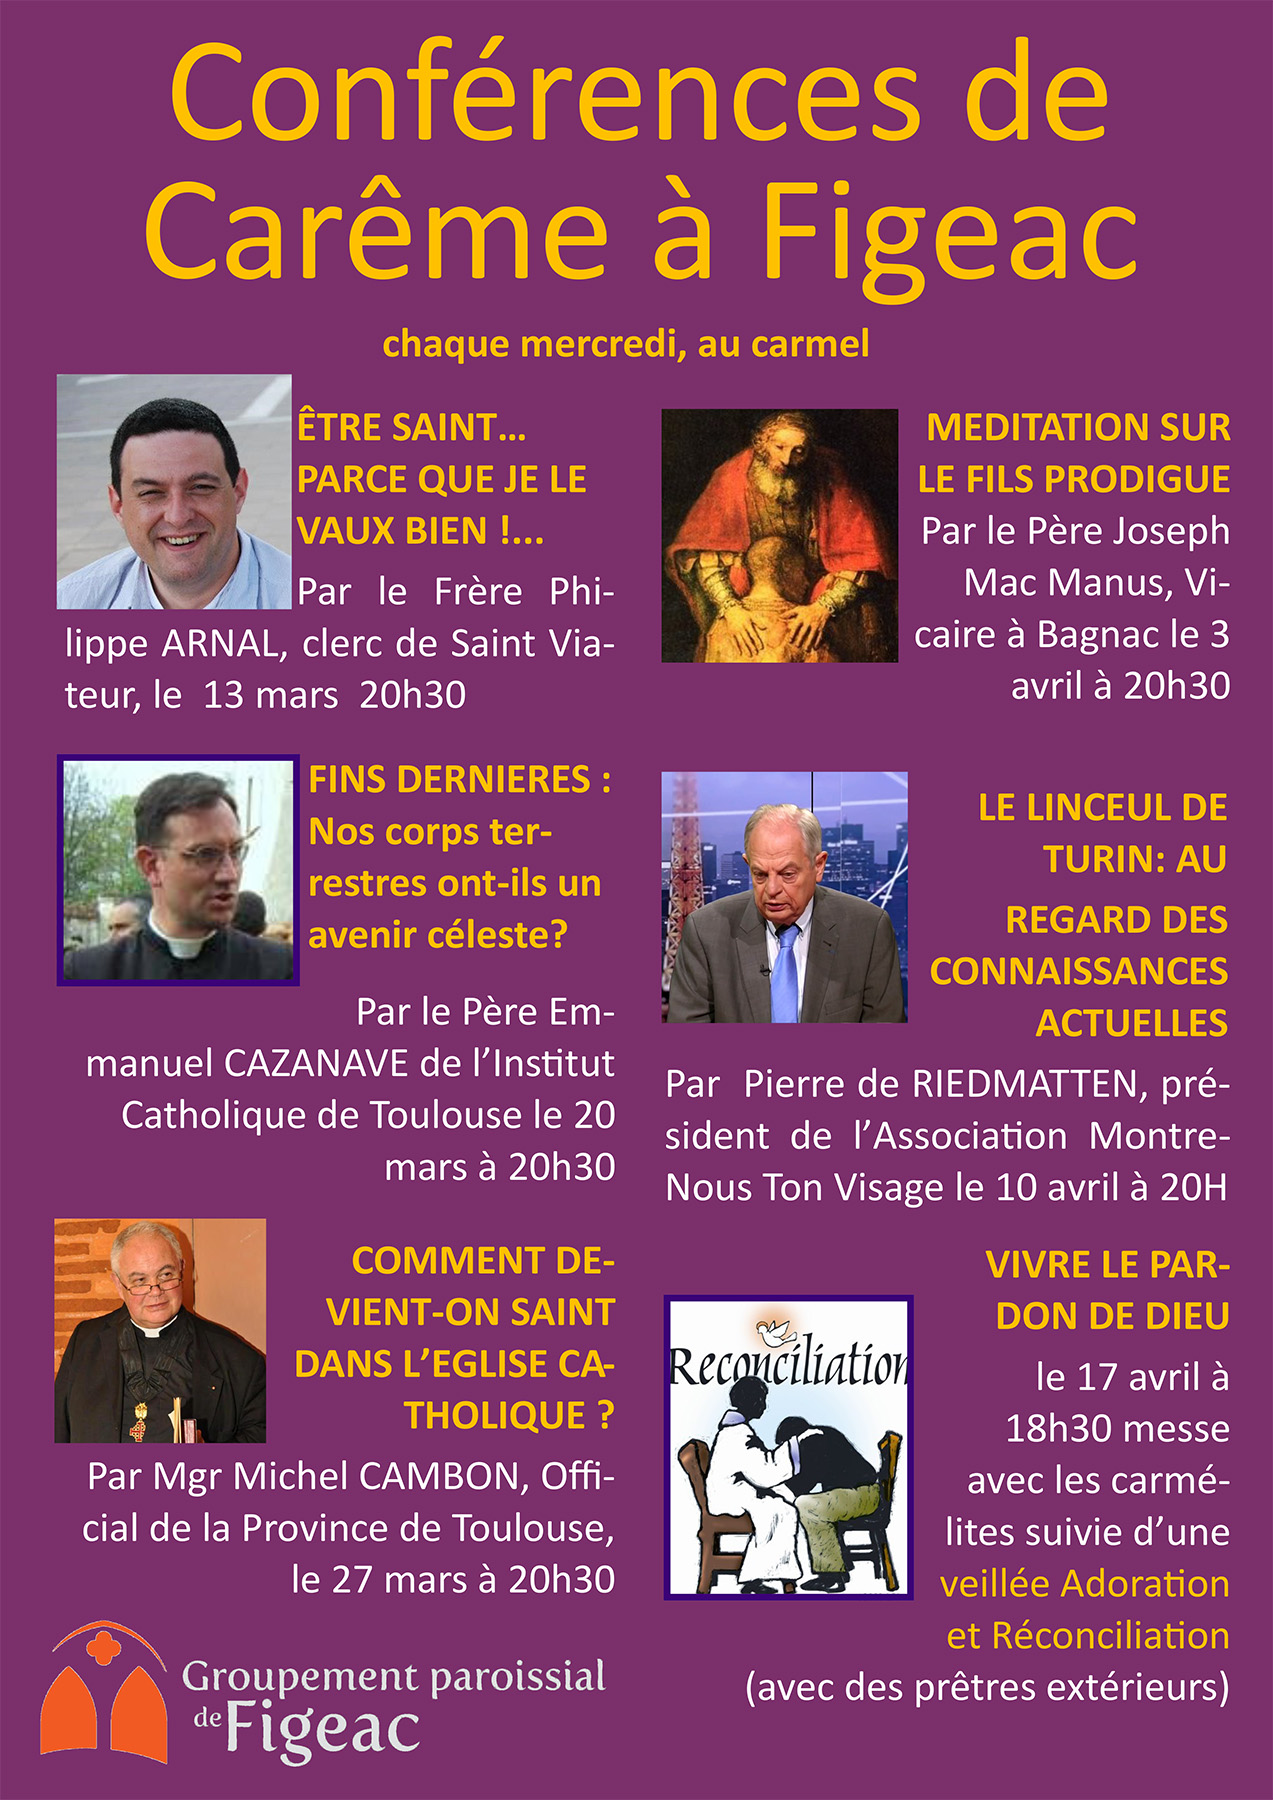 Conférences de Carême à Figeac (46) les 10 & 17 avril 2019